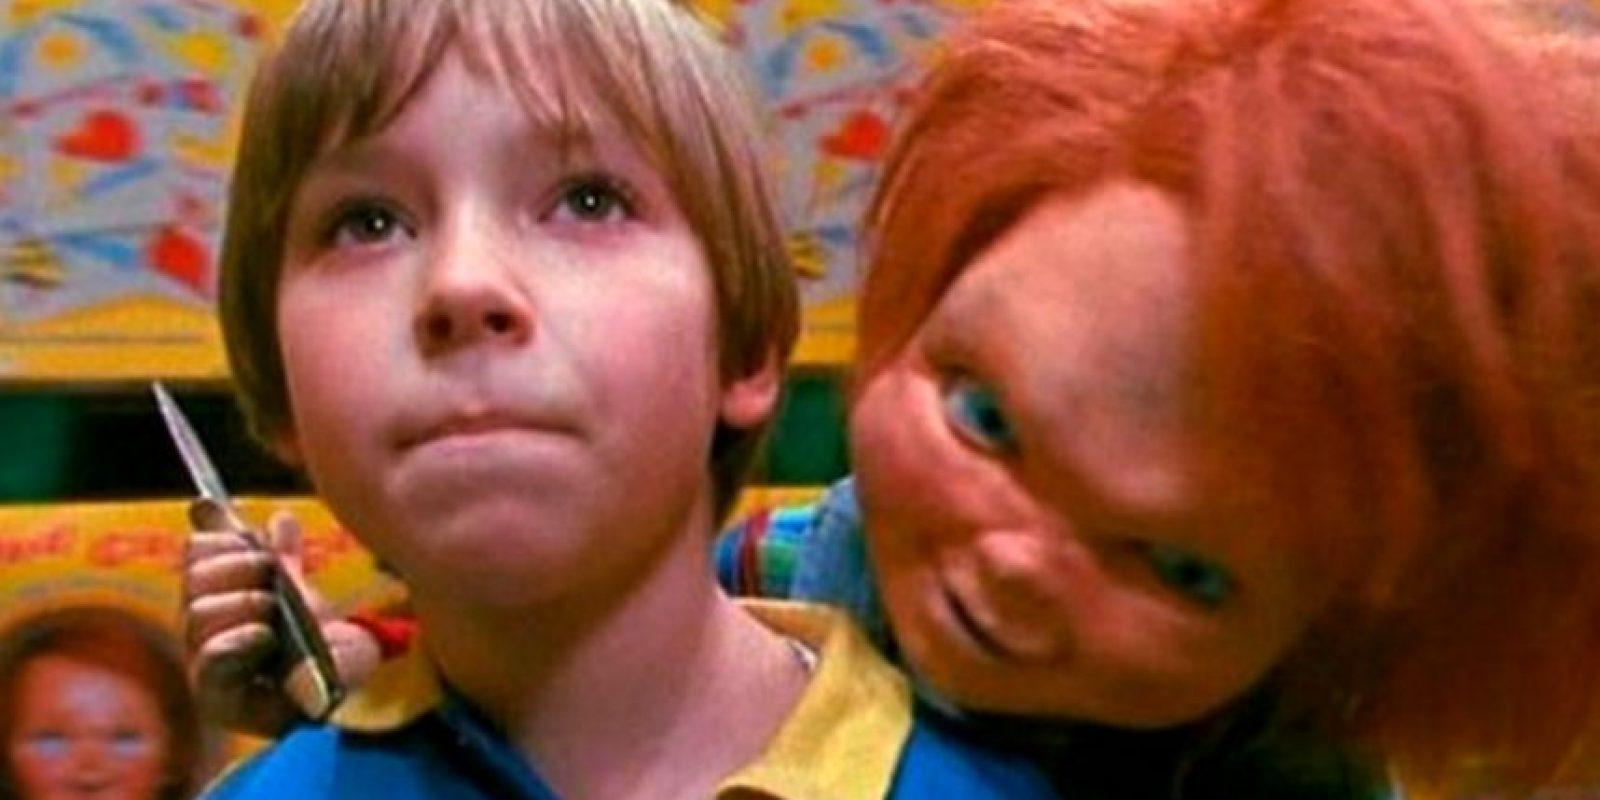 El muñeco causó terror en el cine Foto:Universal